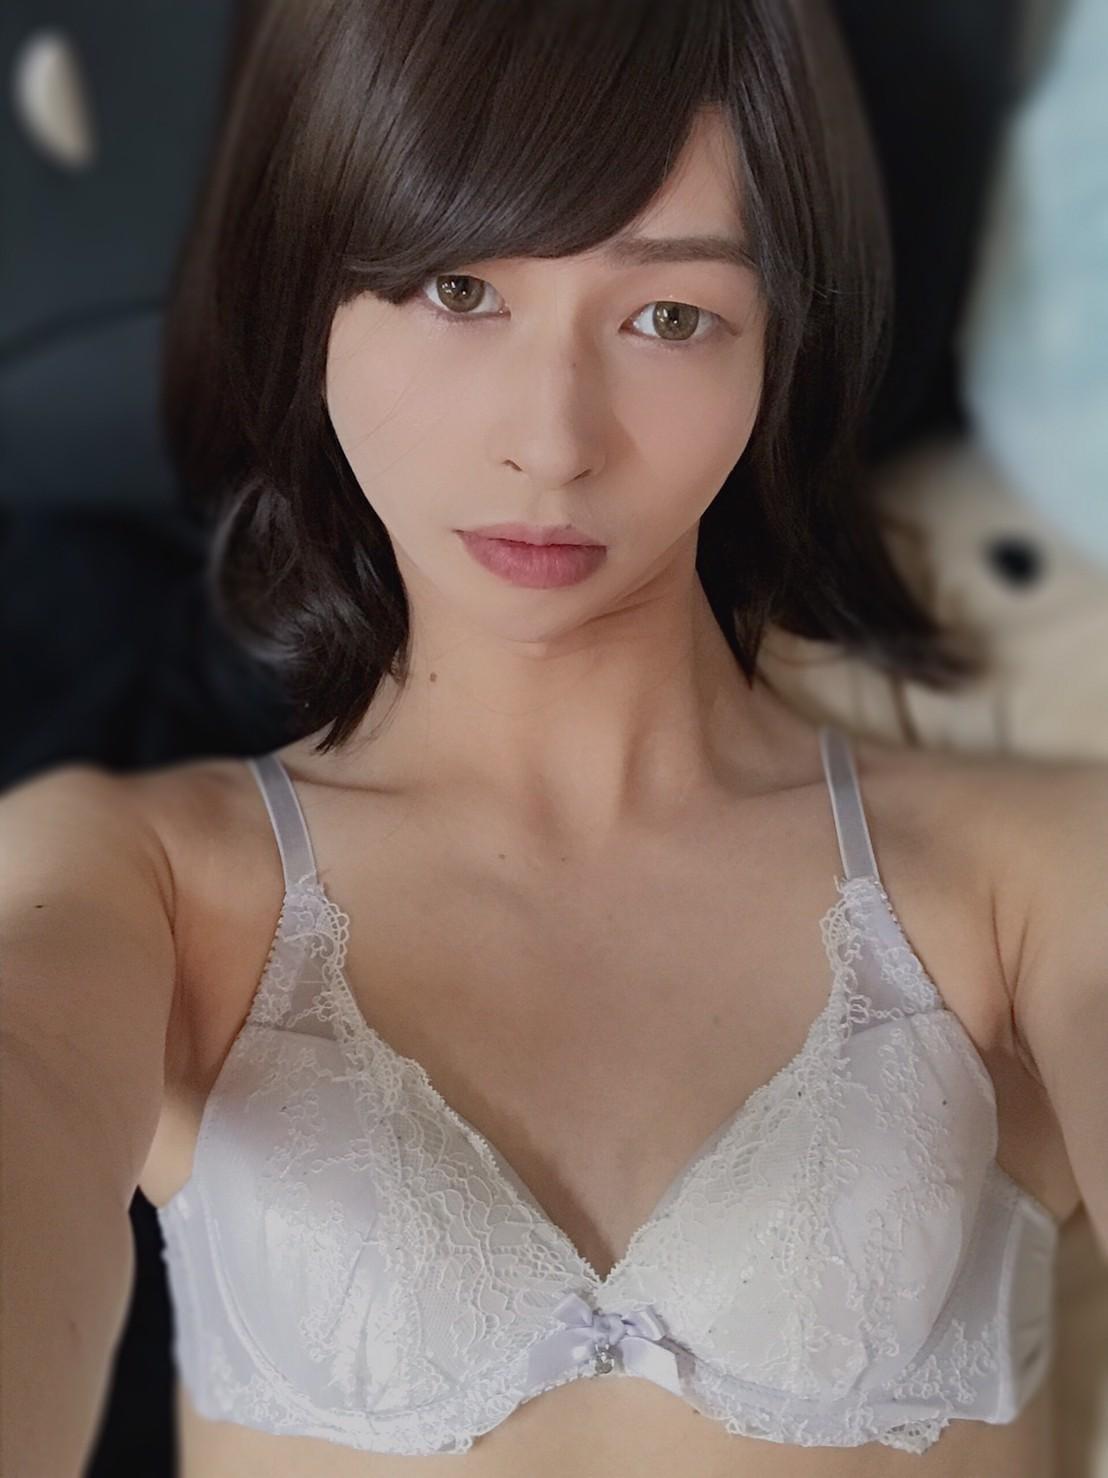 「しゅっきん」04/18(日) 12:48   さやかの写メ・風俗動画